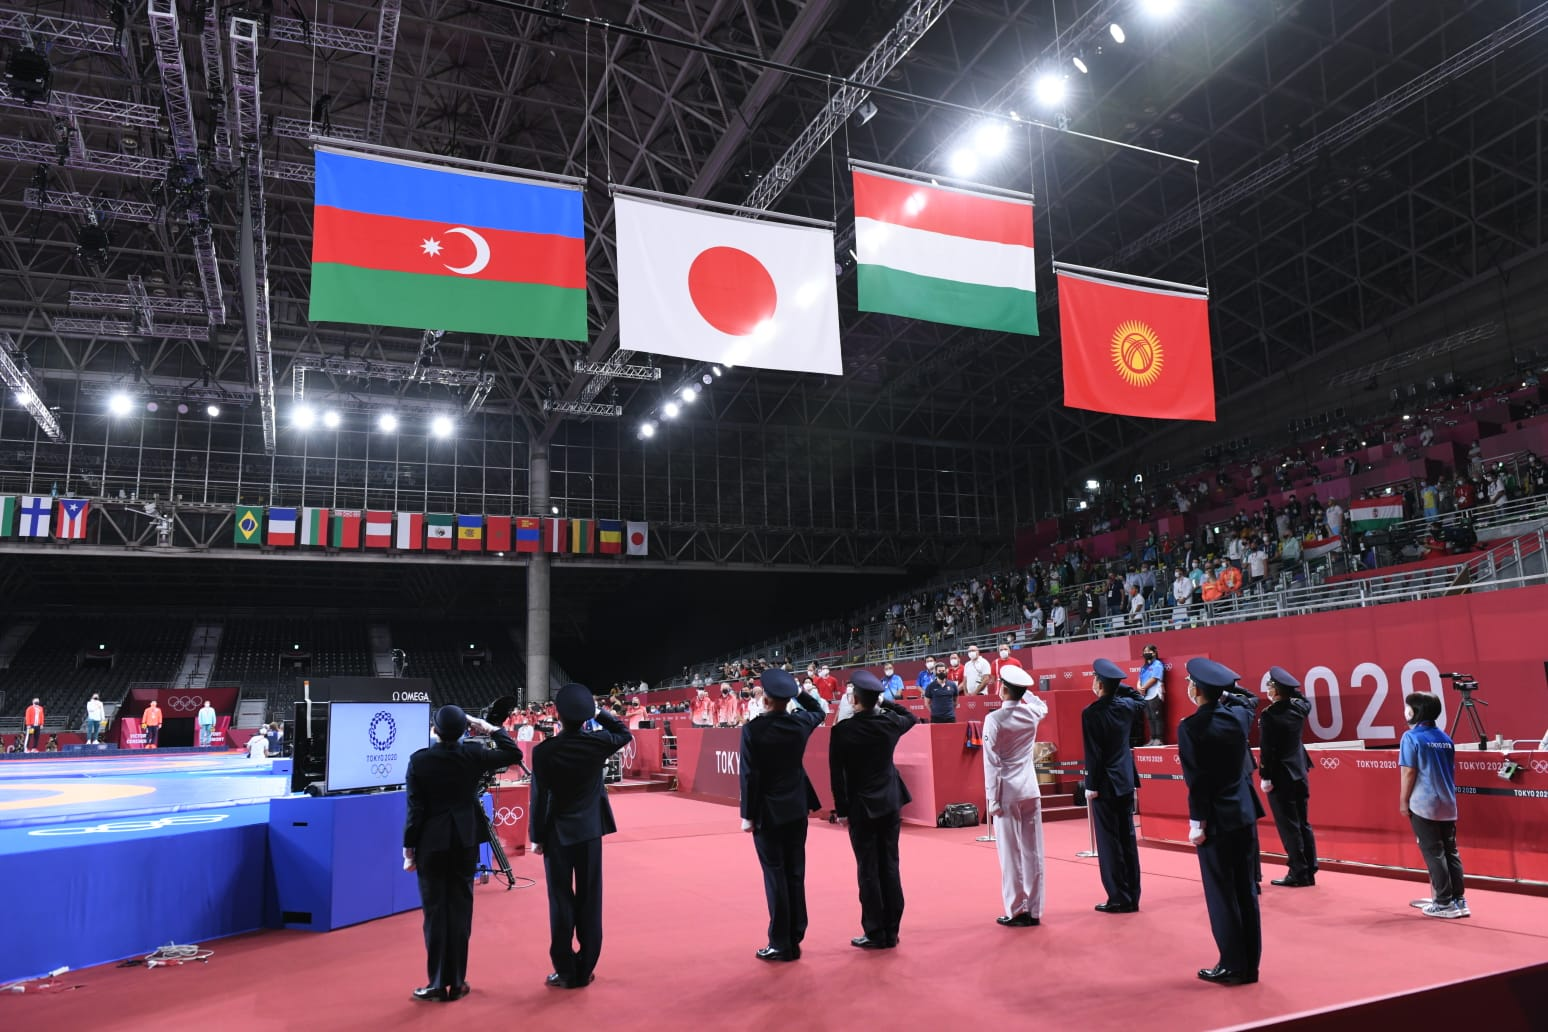 Azərbaycan 3-cü bürüncü qazandı, 75-ci pillədə qərarlaşdı